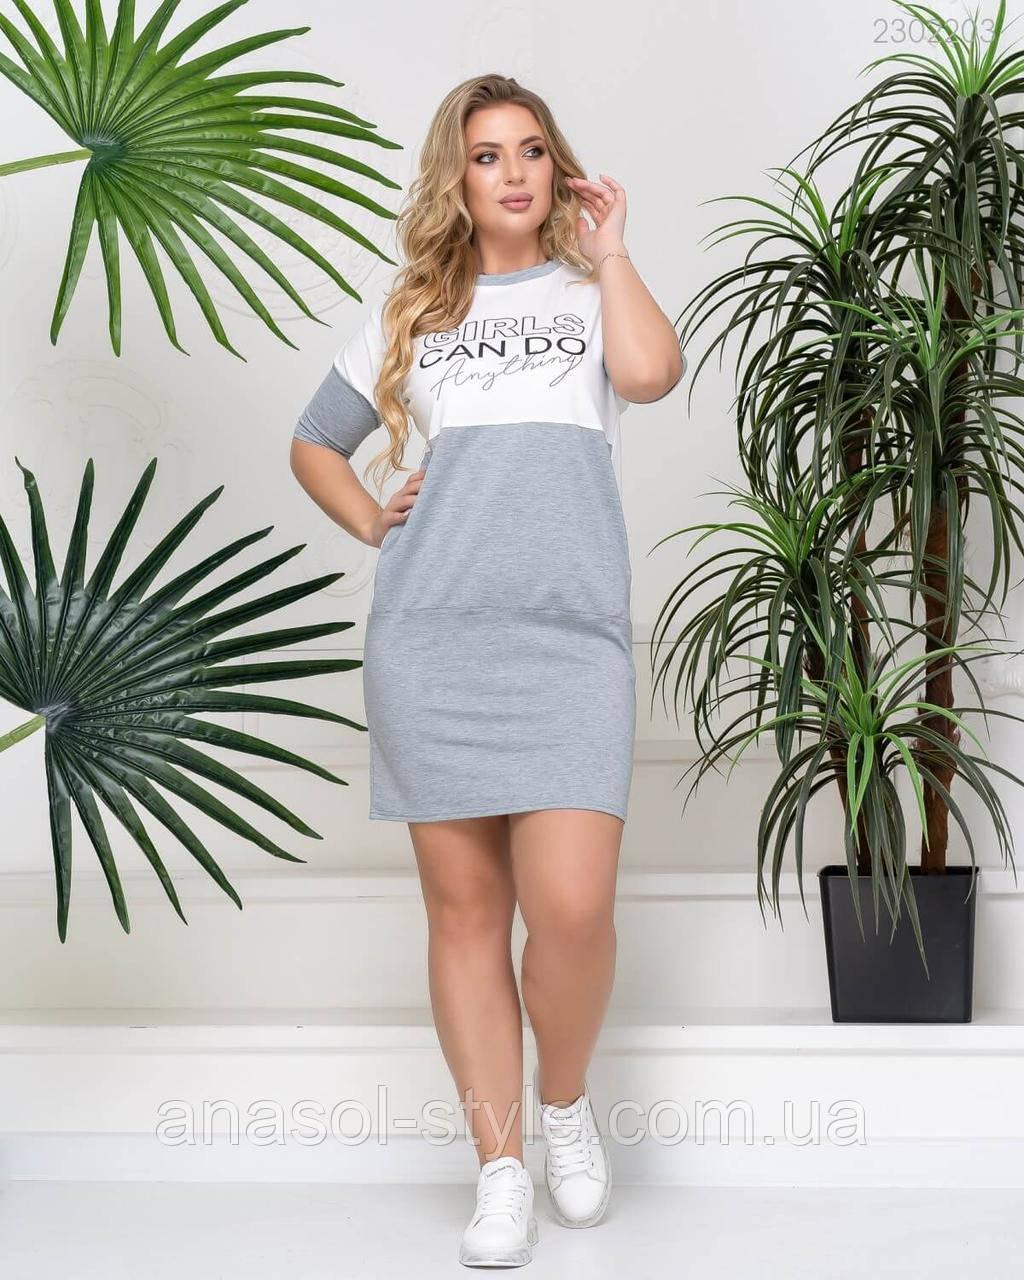 Сукня Спорт - шик №2 (сірий) 2302203